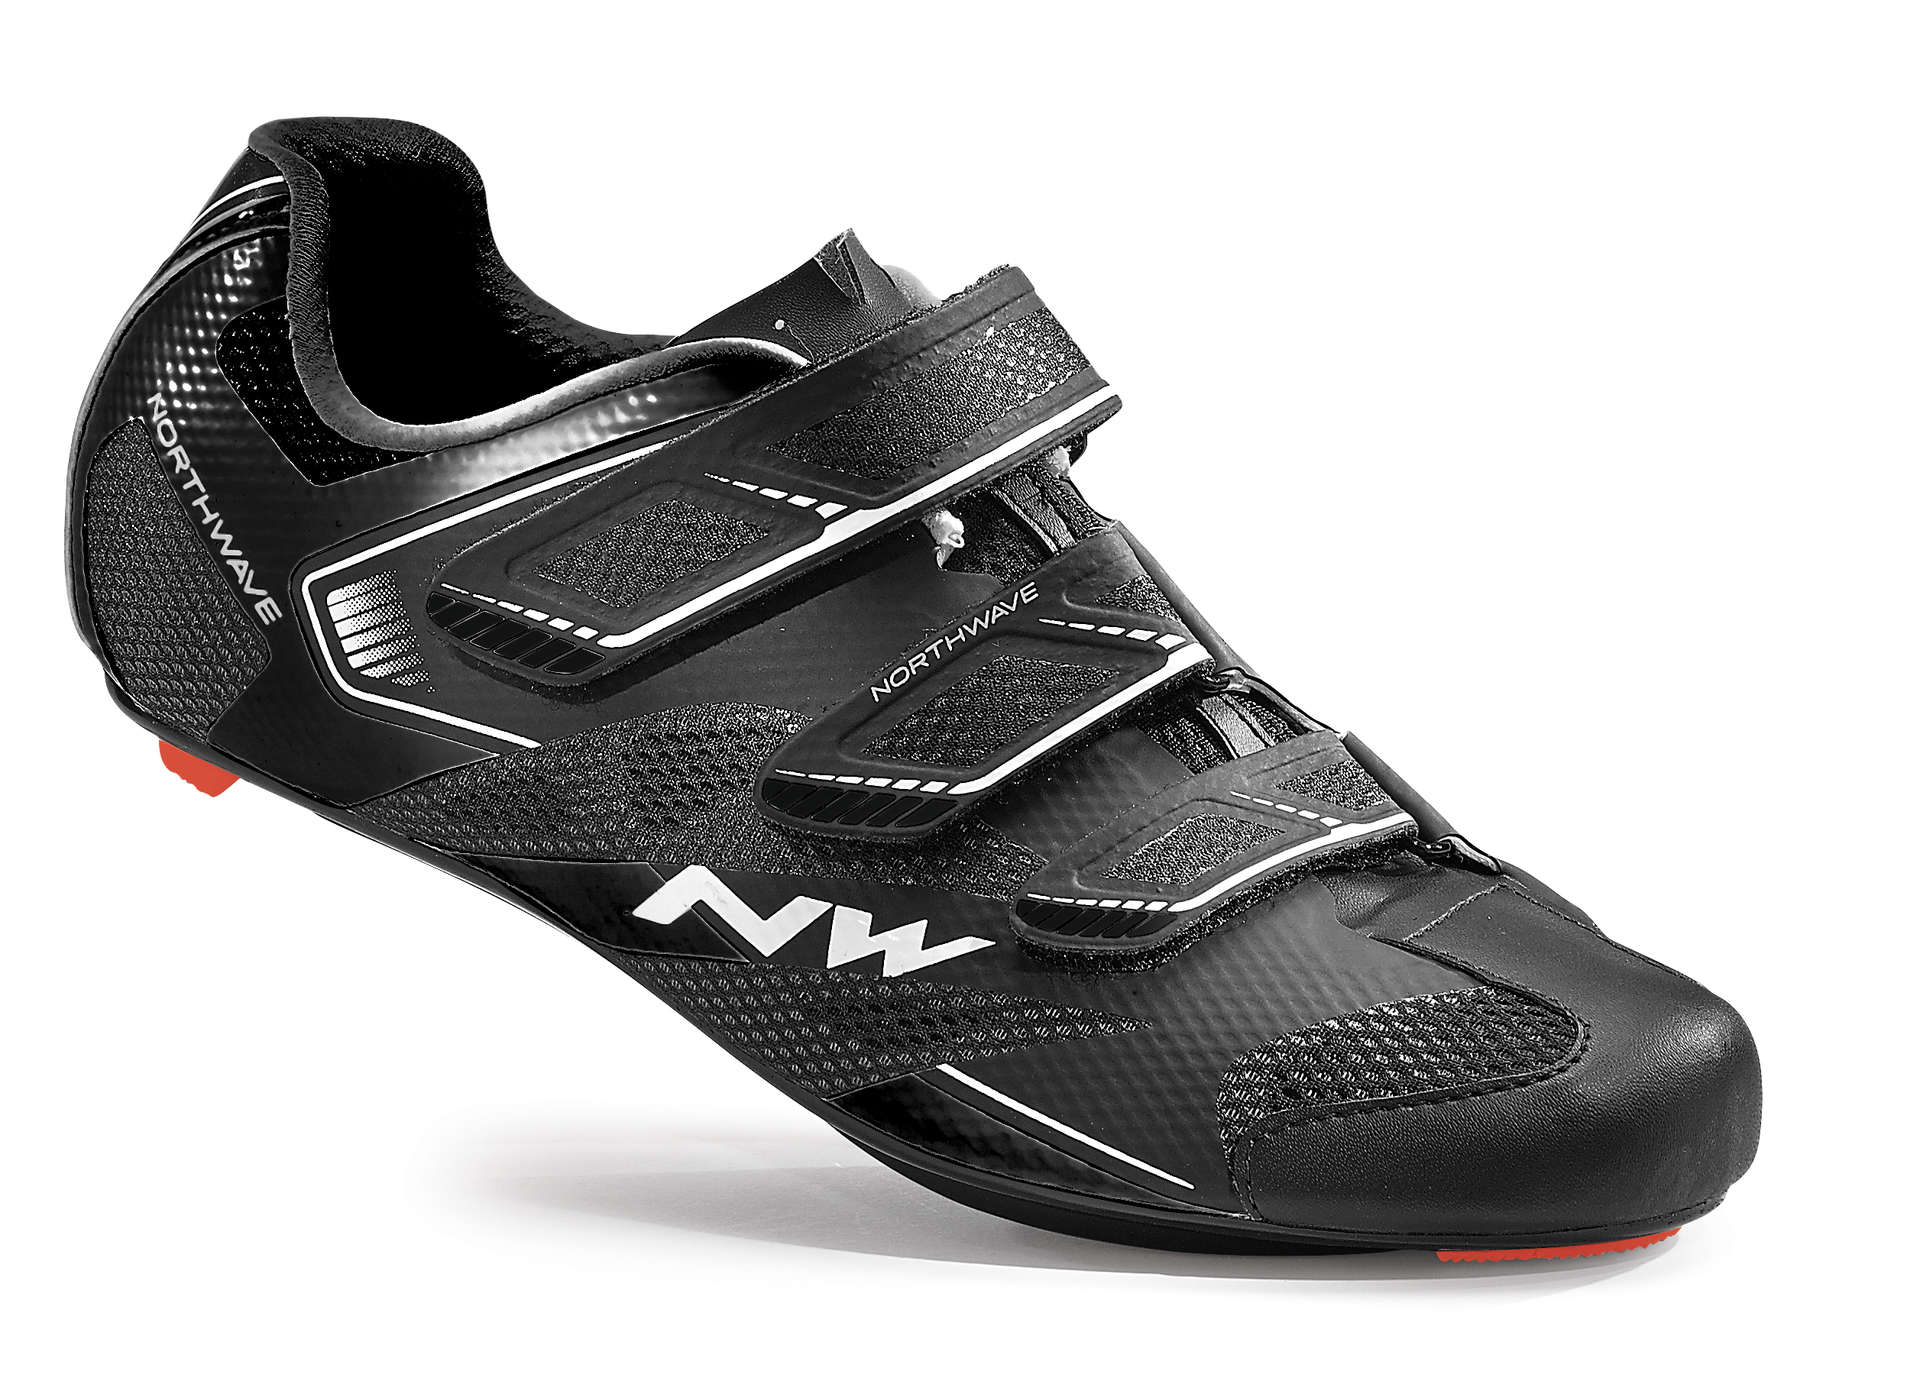 Chaussures Noires Northwave Pour Les Hommes 082woIwPZ